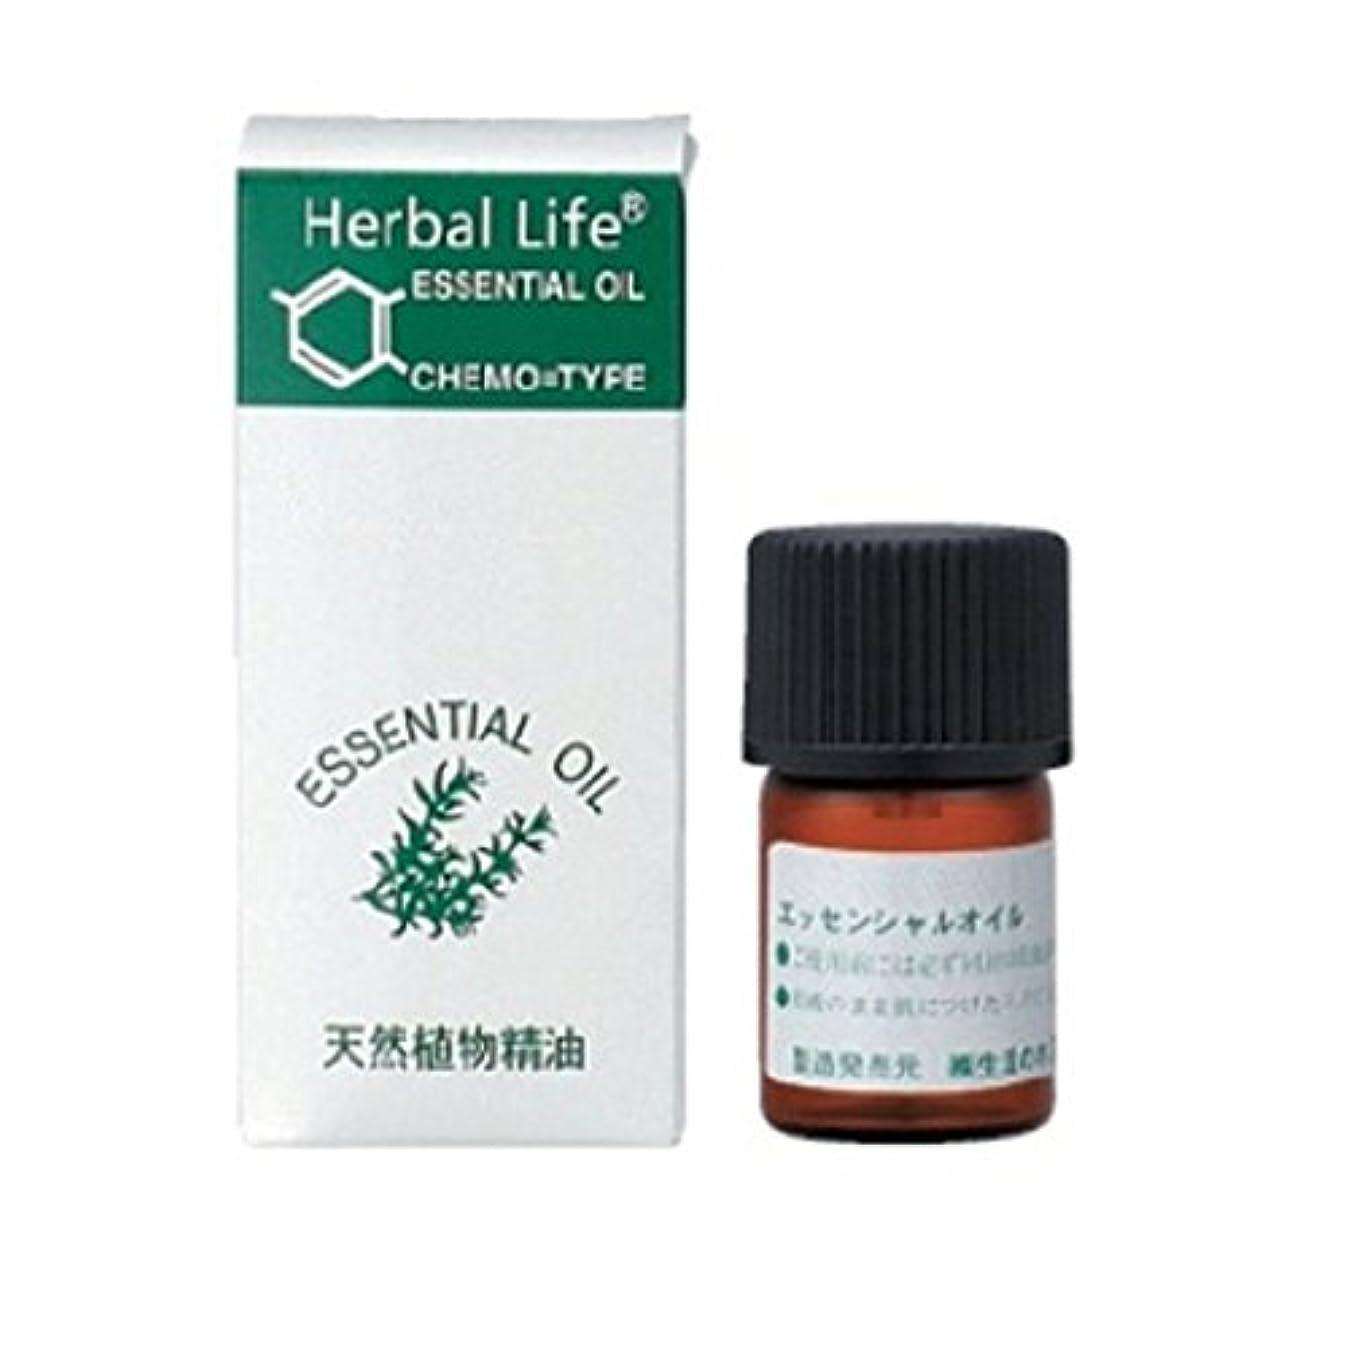 中でコカイン洞察力のある生活の木 エッセンシャルオイル ベルガモット 3ml